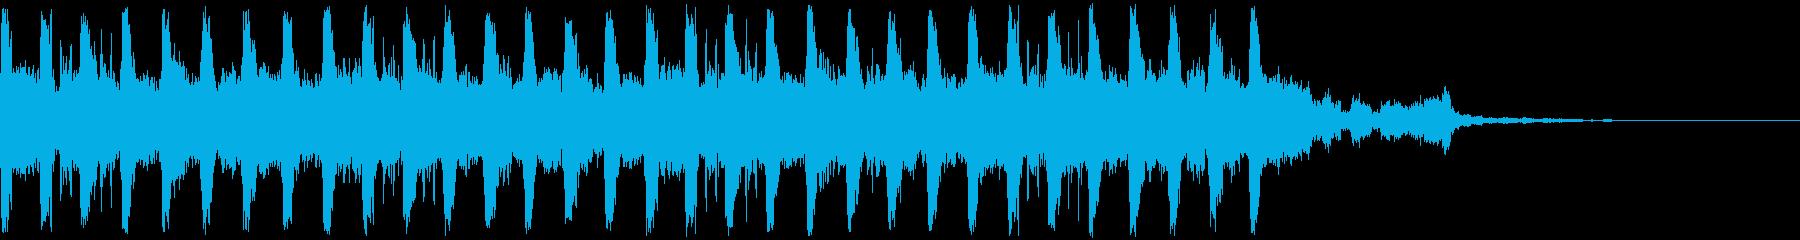 車やスポーツCMやエキサイティングな映像の再生済みの波形